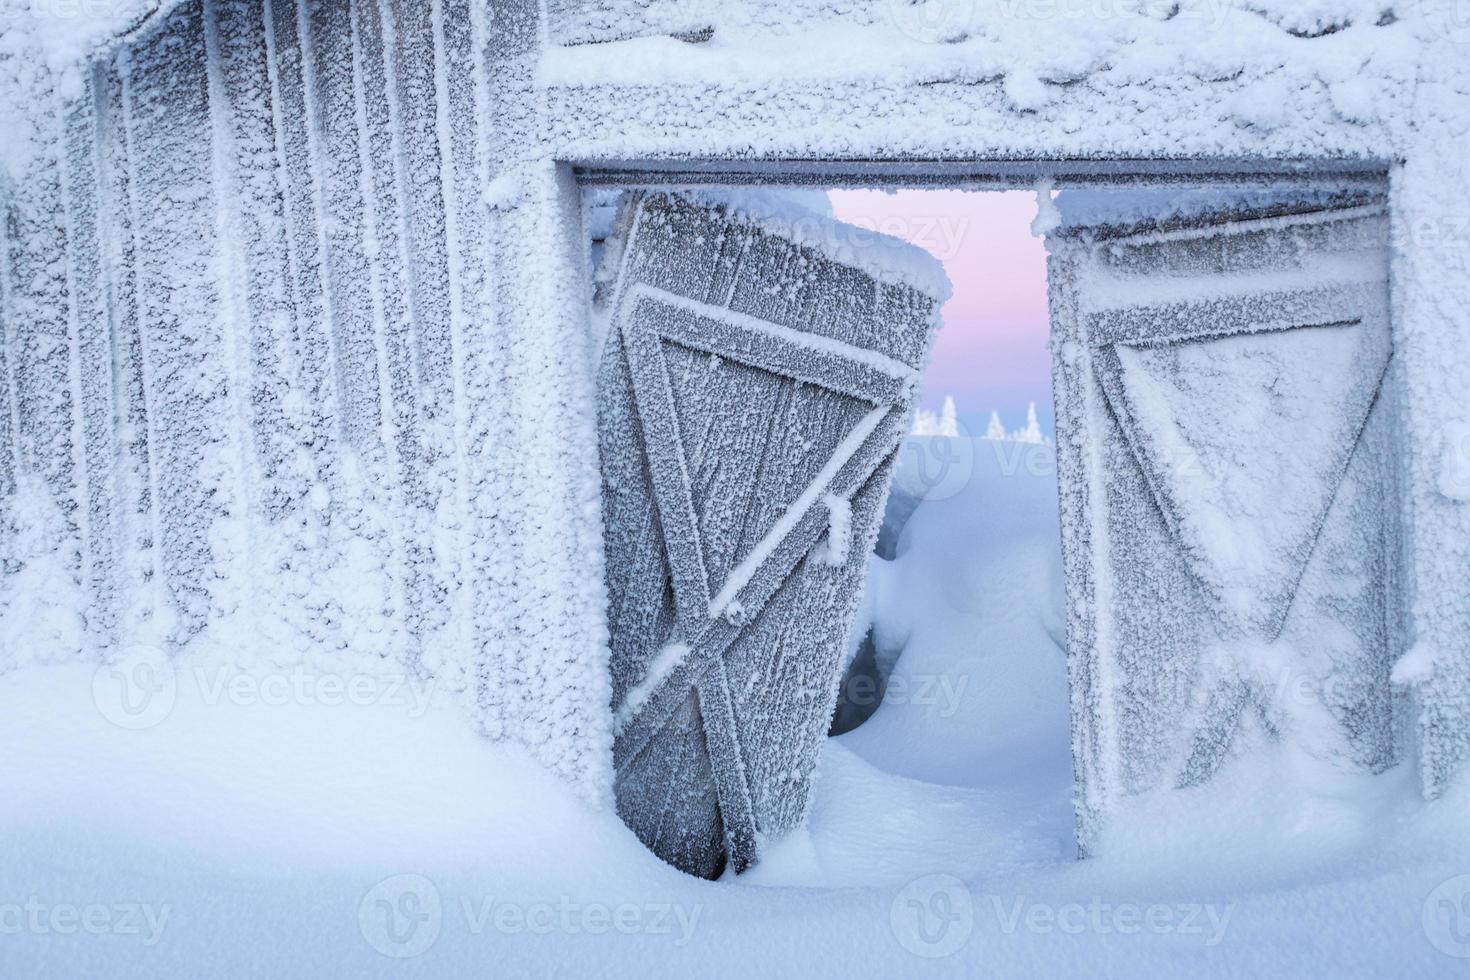 winterwonderland - övergiven bondgård täckt av djup snö på vintern foto